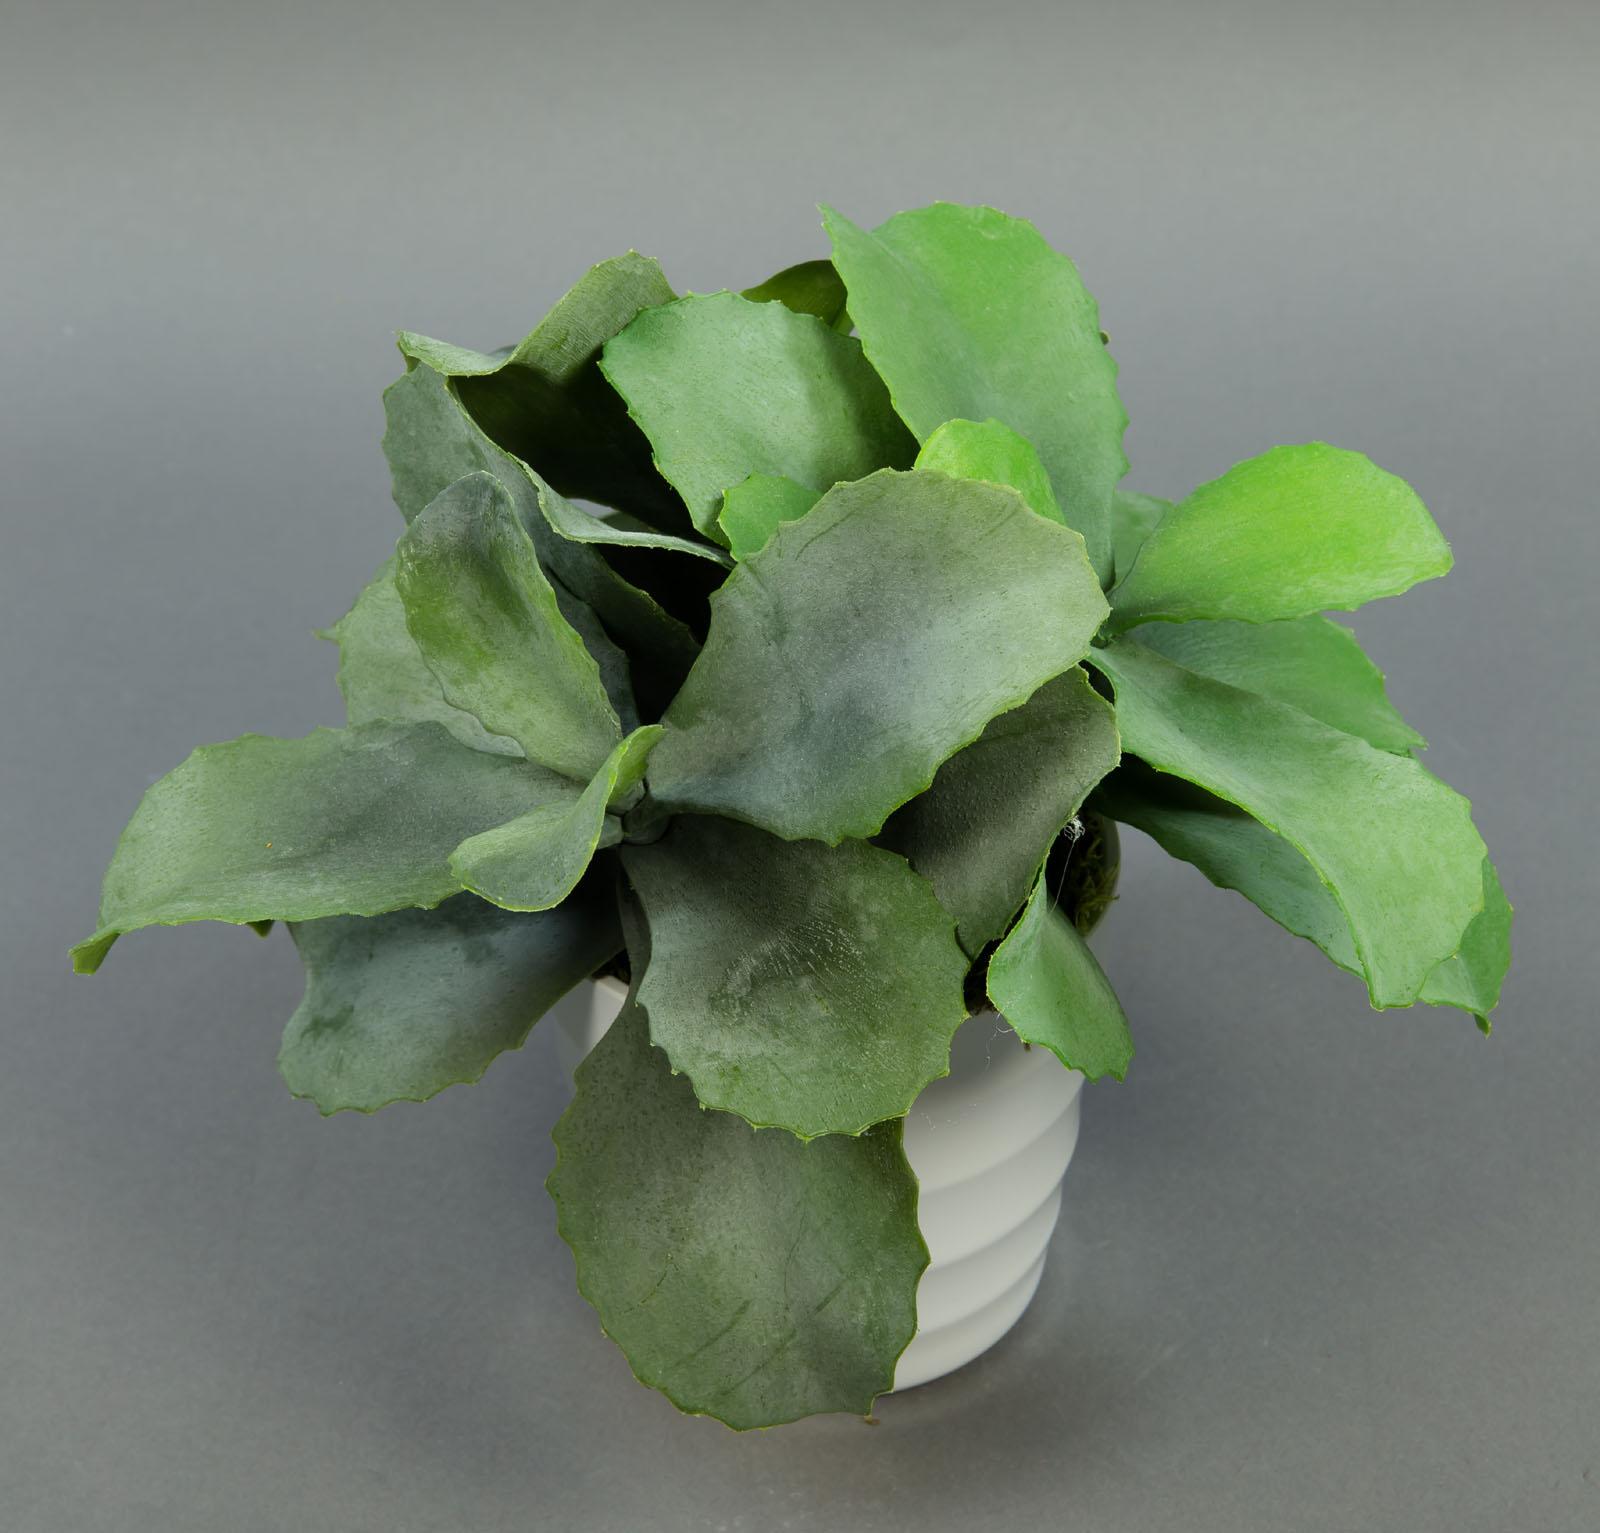 kalanchoe 24cm im wei en dekotopf ga kunstpflanzen k nstliche pflanzen ebay. Black Bedroom Furniture Sets. Home Design Ideas